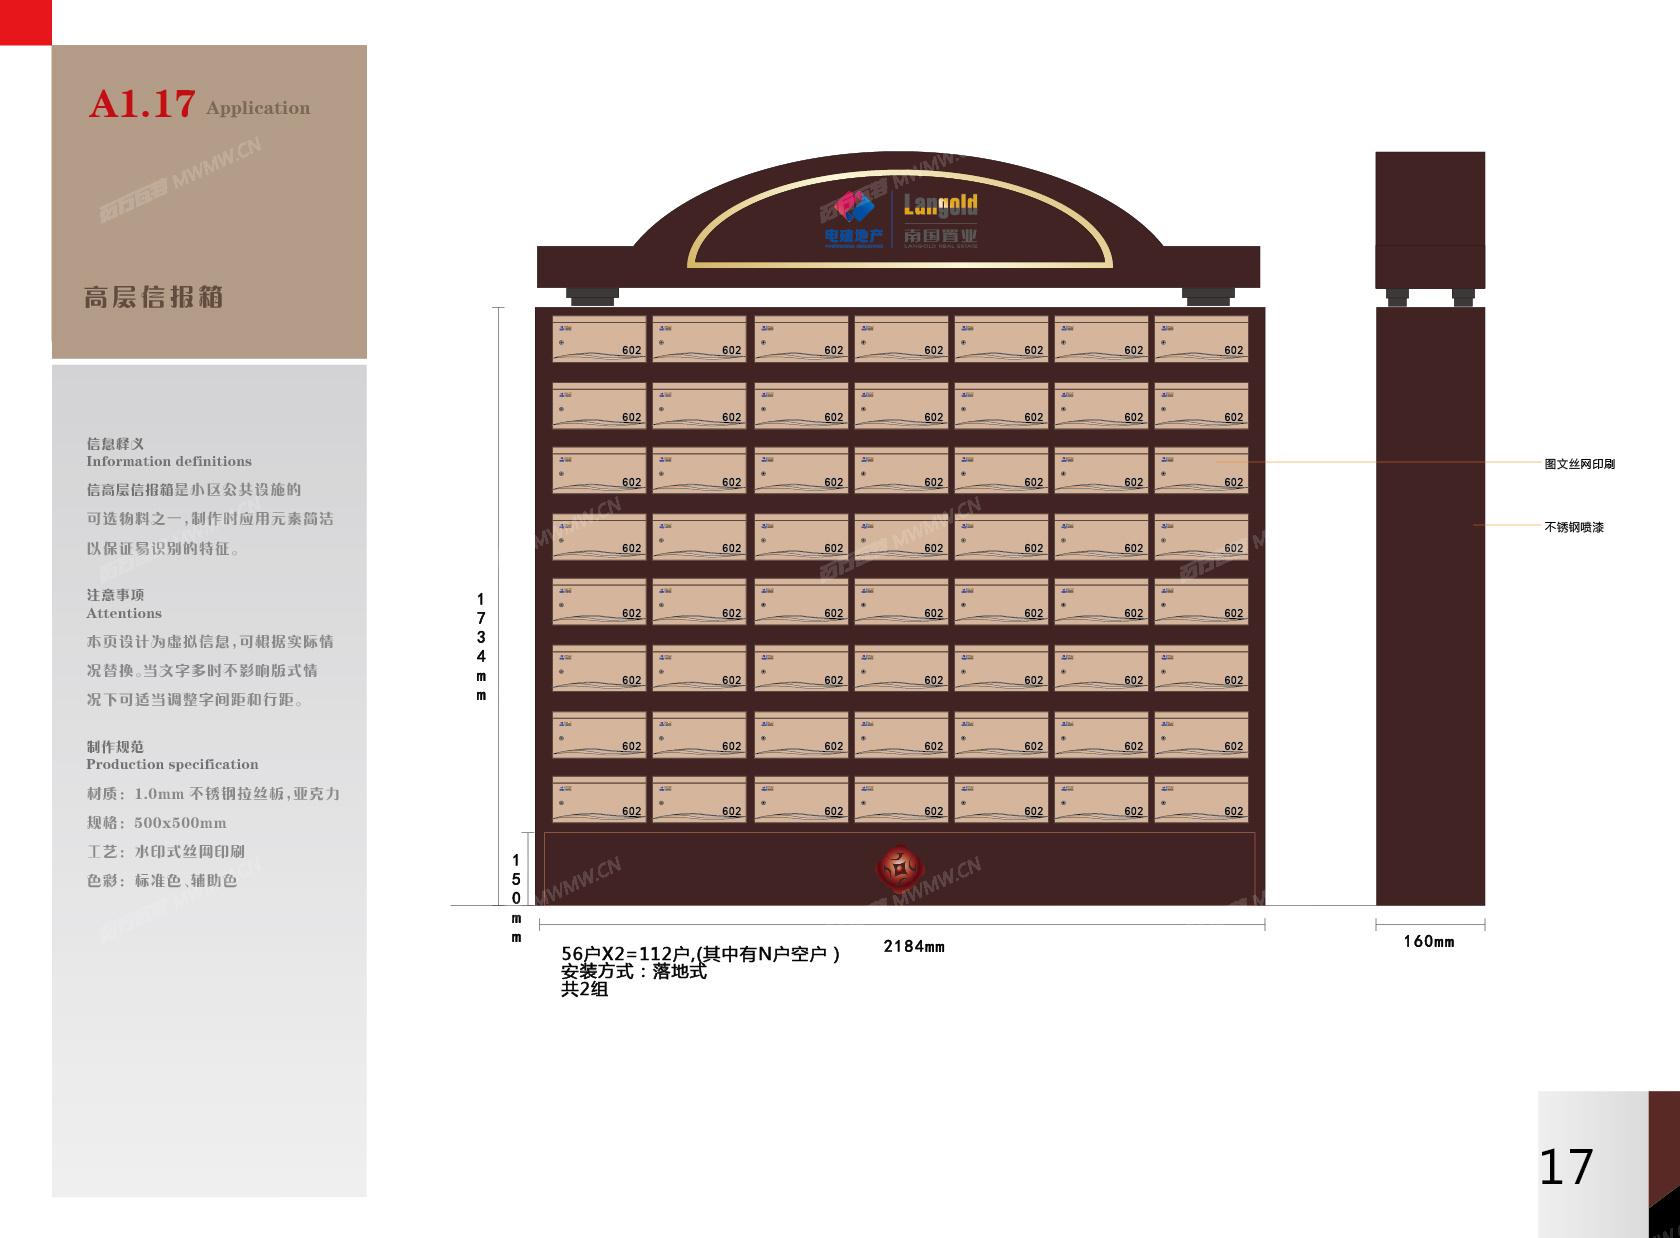 泷悦华府环境导视系统设计方案3.0cs520180112-16.jpg